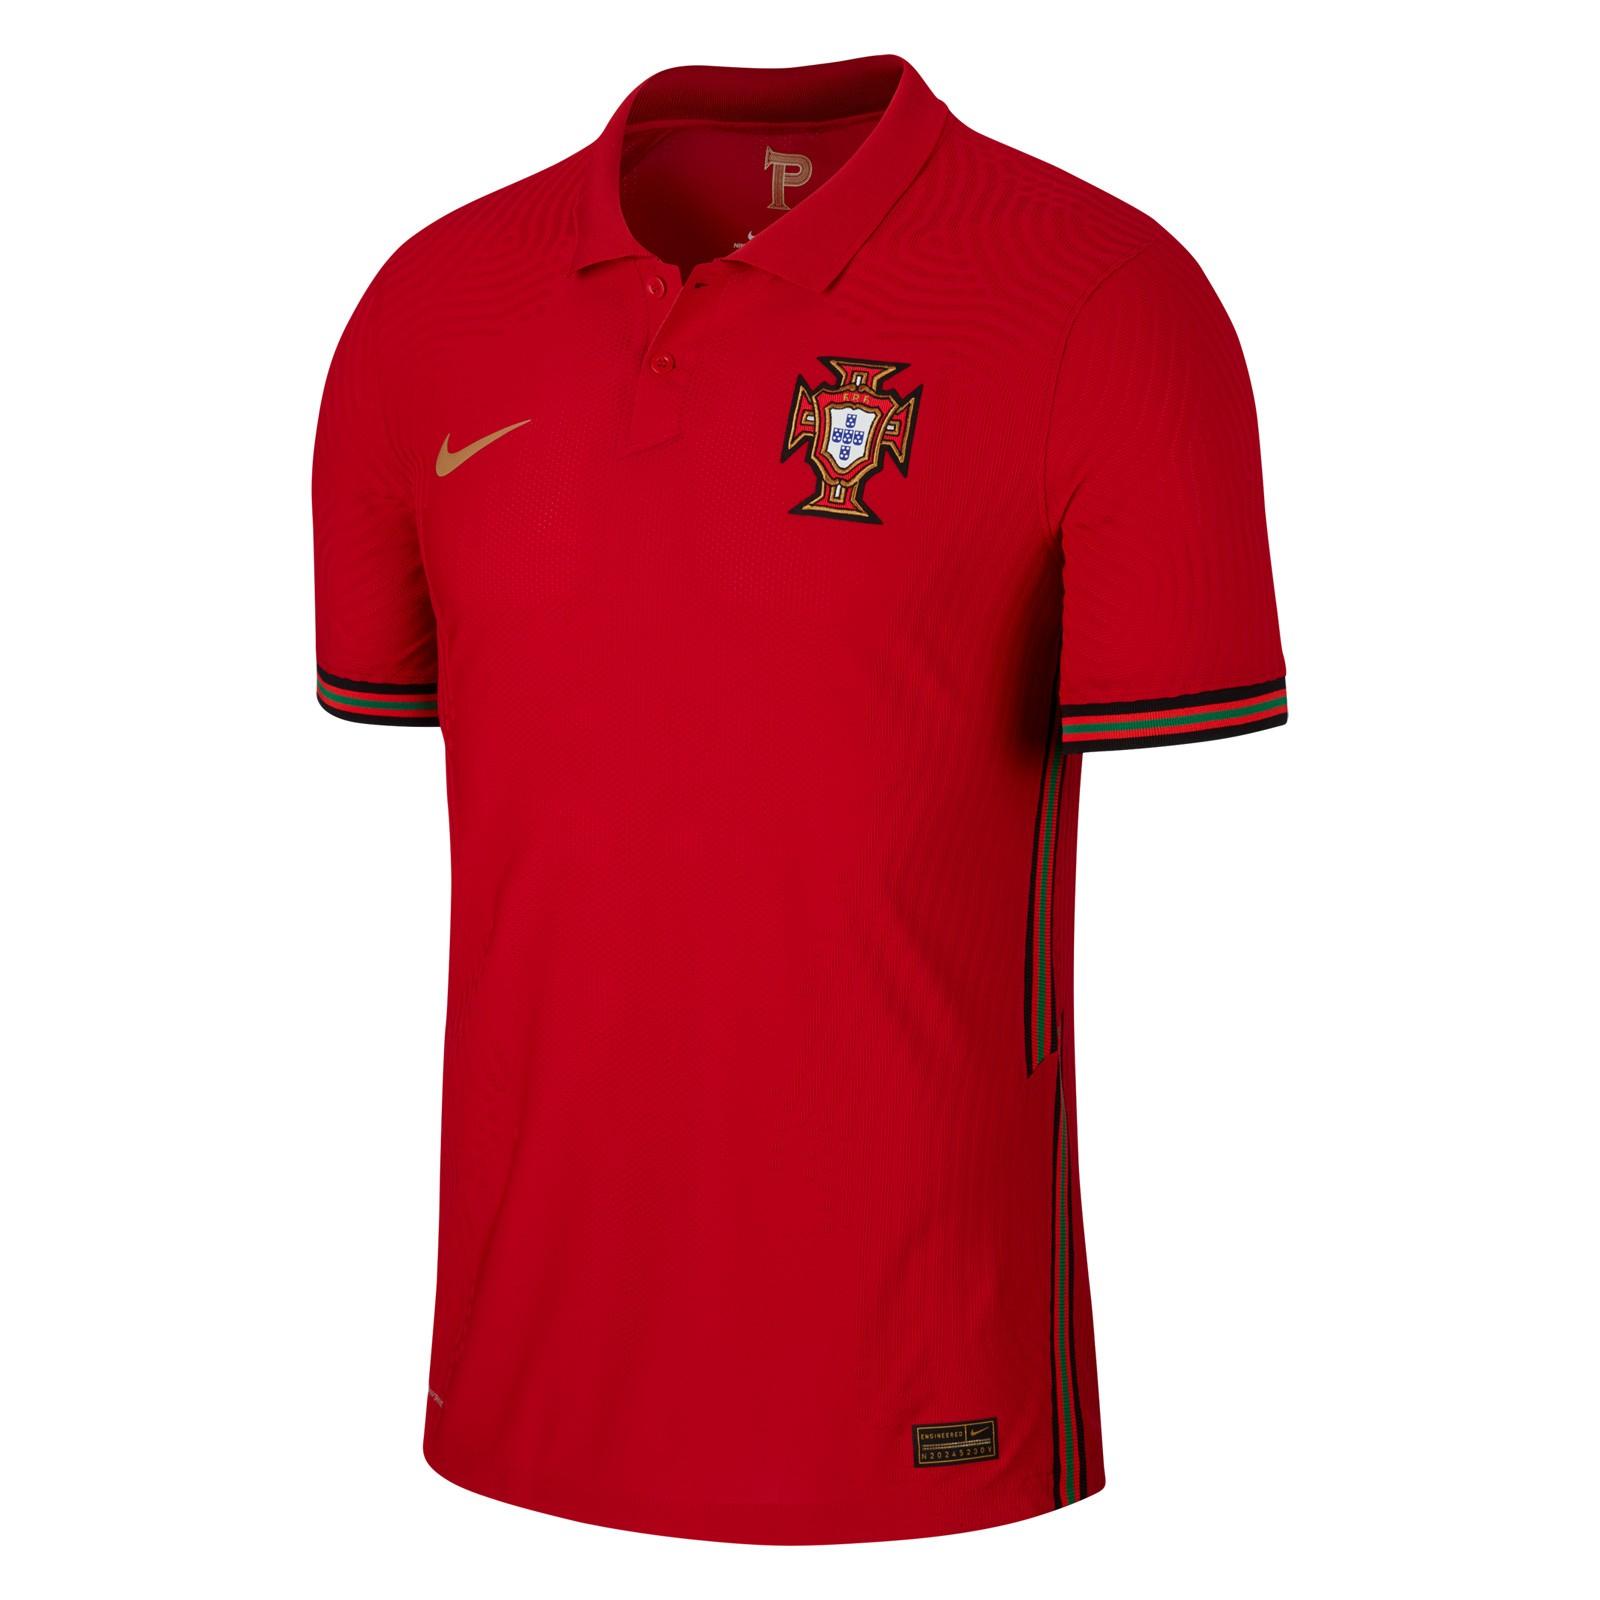 葡萄牙国家队2020欧洲杯球员版主场球衣